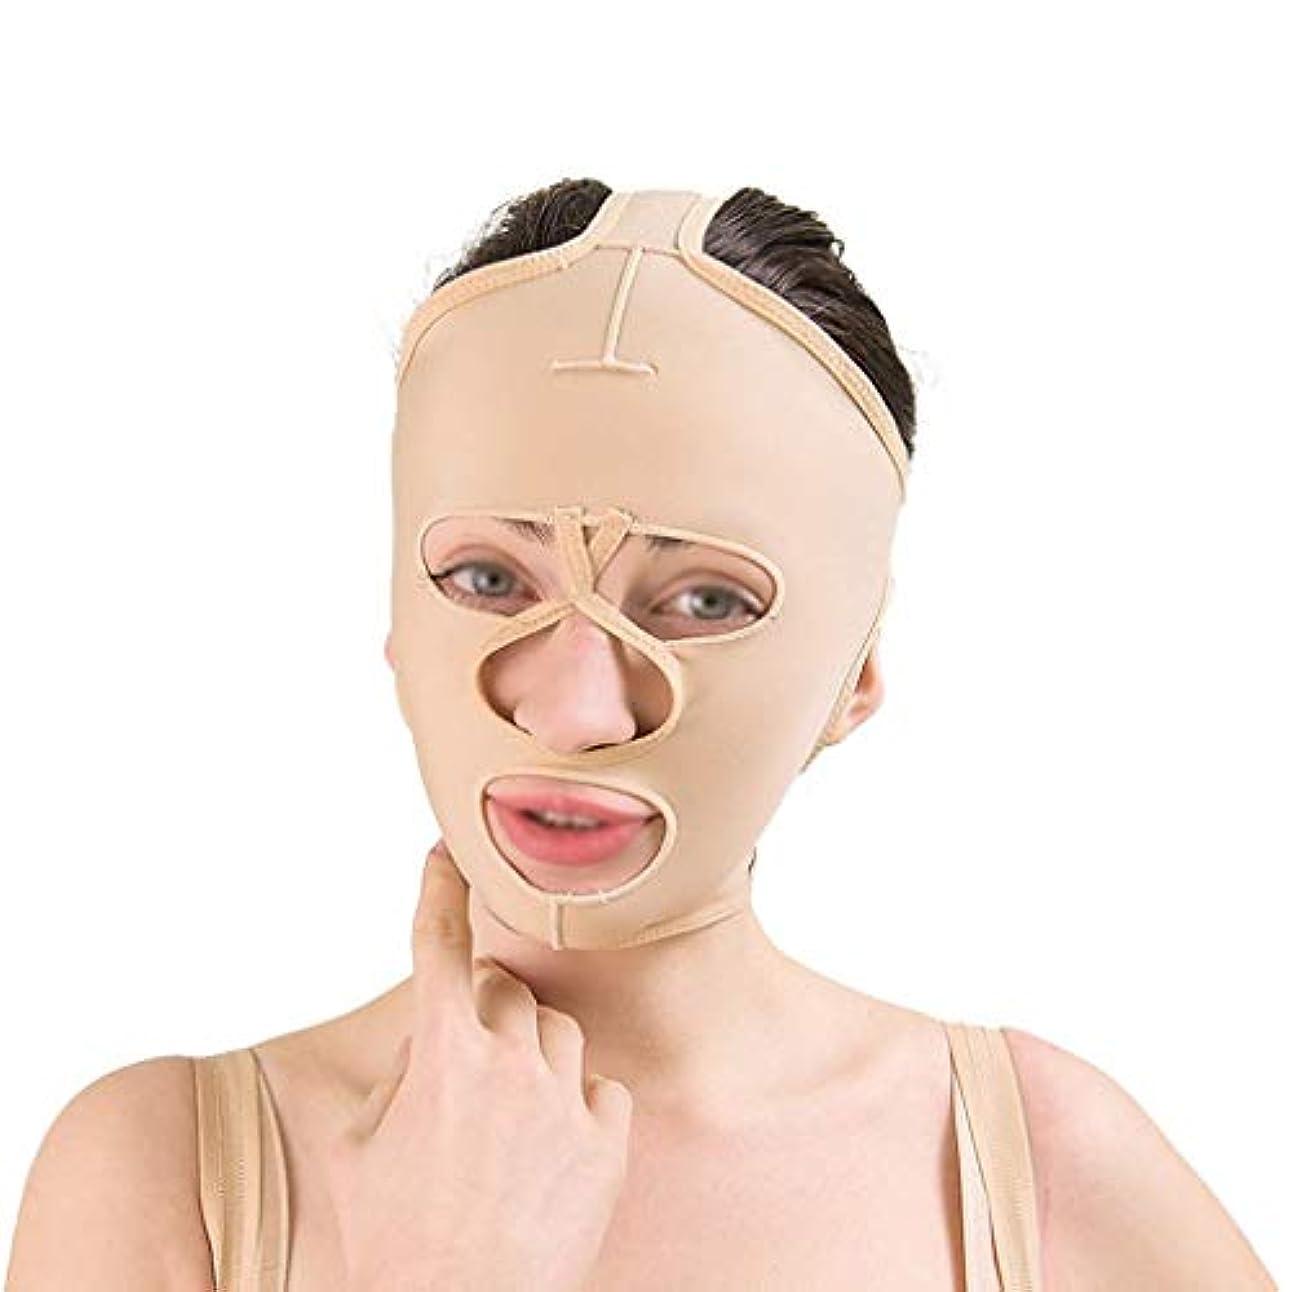 シソーラスブッシュ辞任するフェイシャルリフティングツール、フェイシャルビューティーリフティングマスク、通気性引き締めリフティングフェイシャル包帯、フェイシャルタイトバンデージ(サイズ:L),ザ?